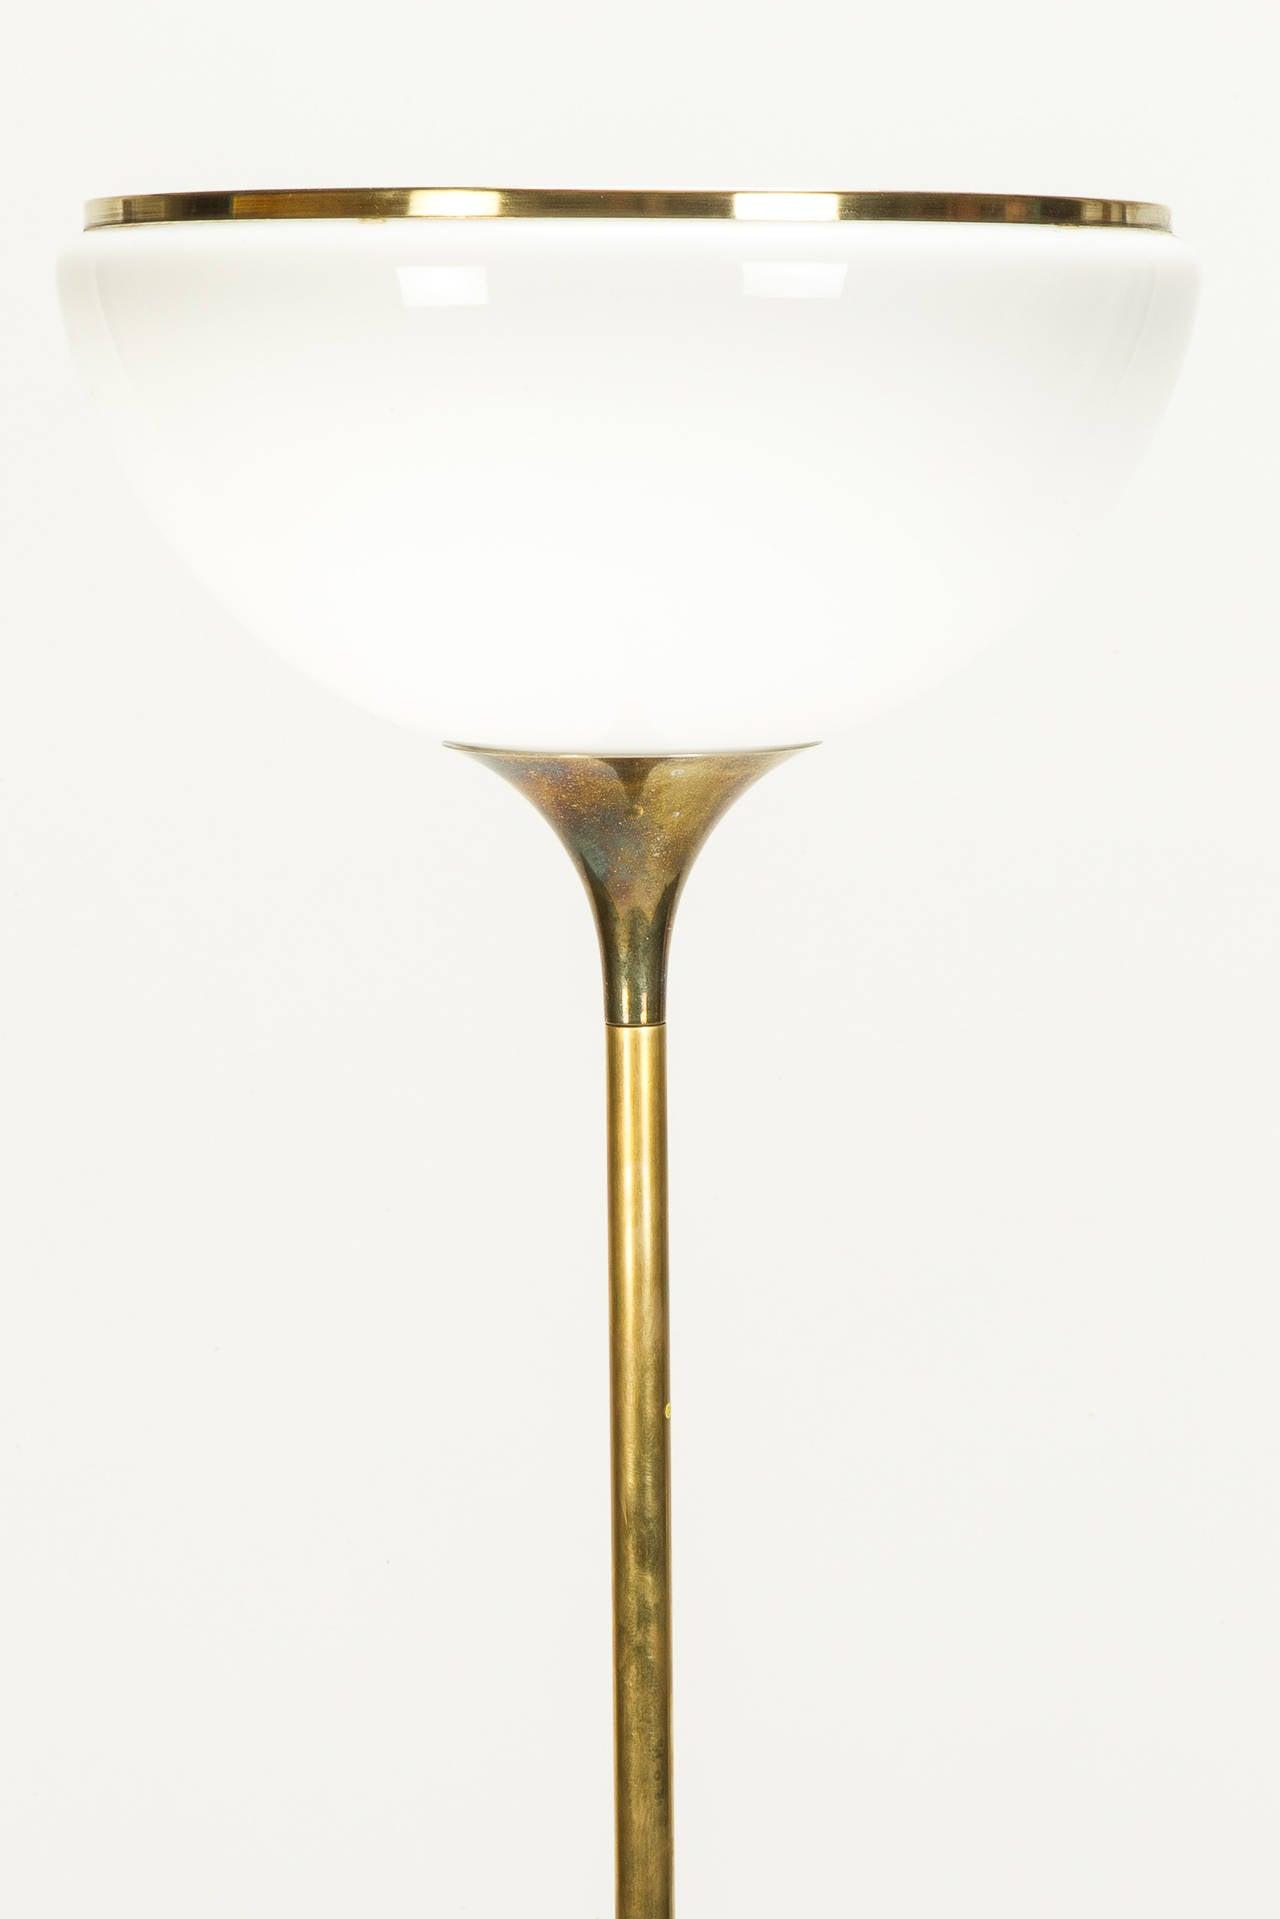 Italian Brass Tulip Floor Lamp By Reggiani 70s At 1stdibs